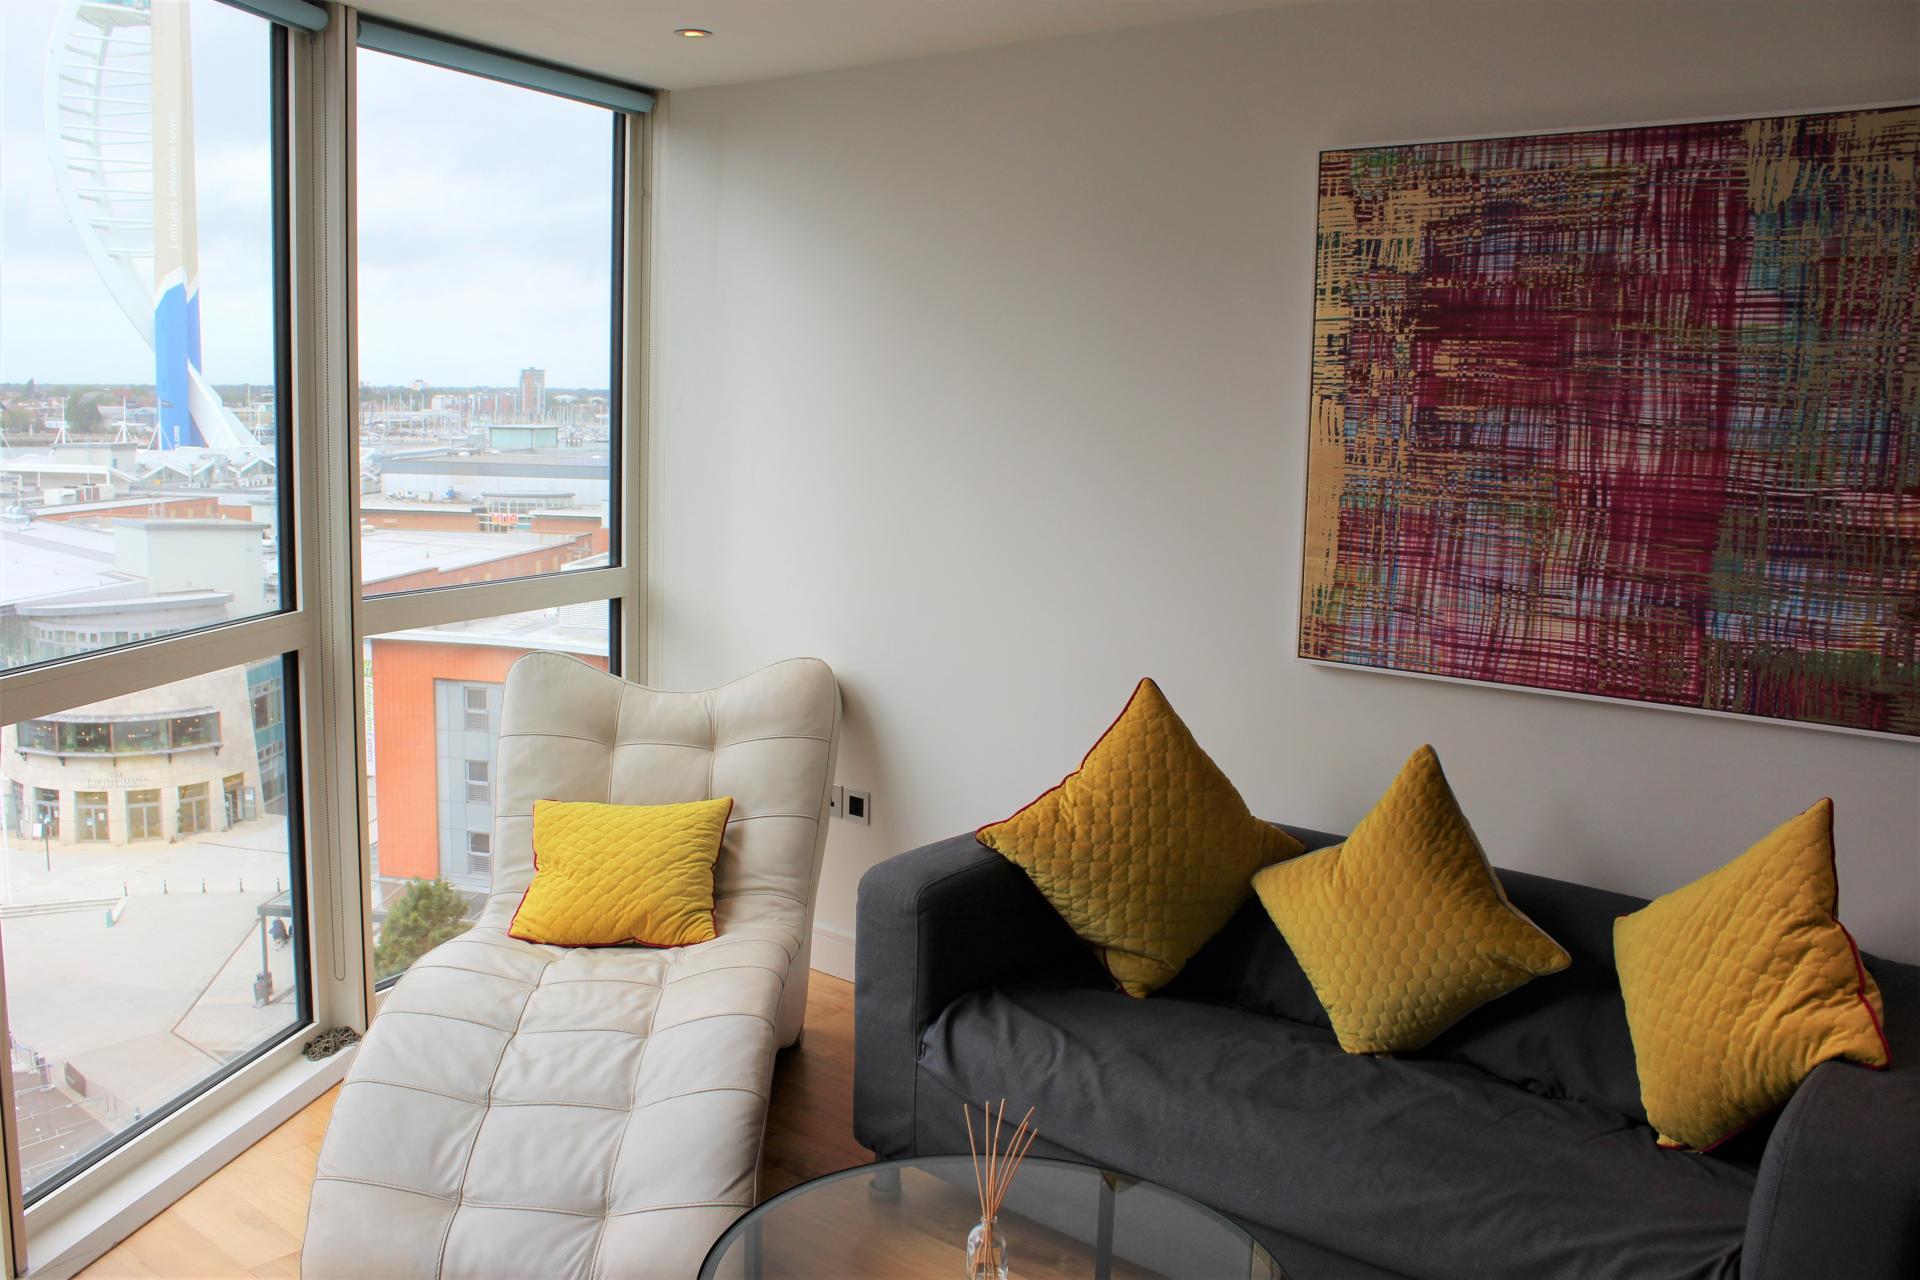 Chair at Gunwharf Quays Apartments, Gunwharf Quays, Portsmouth